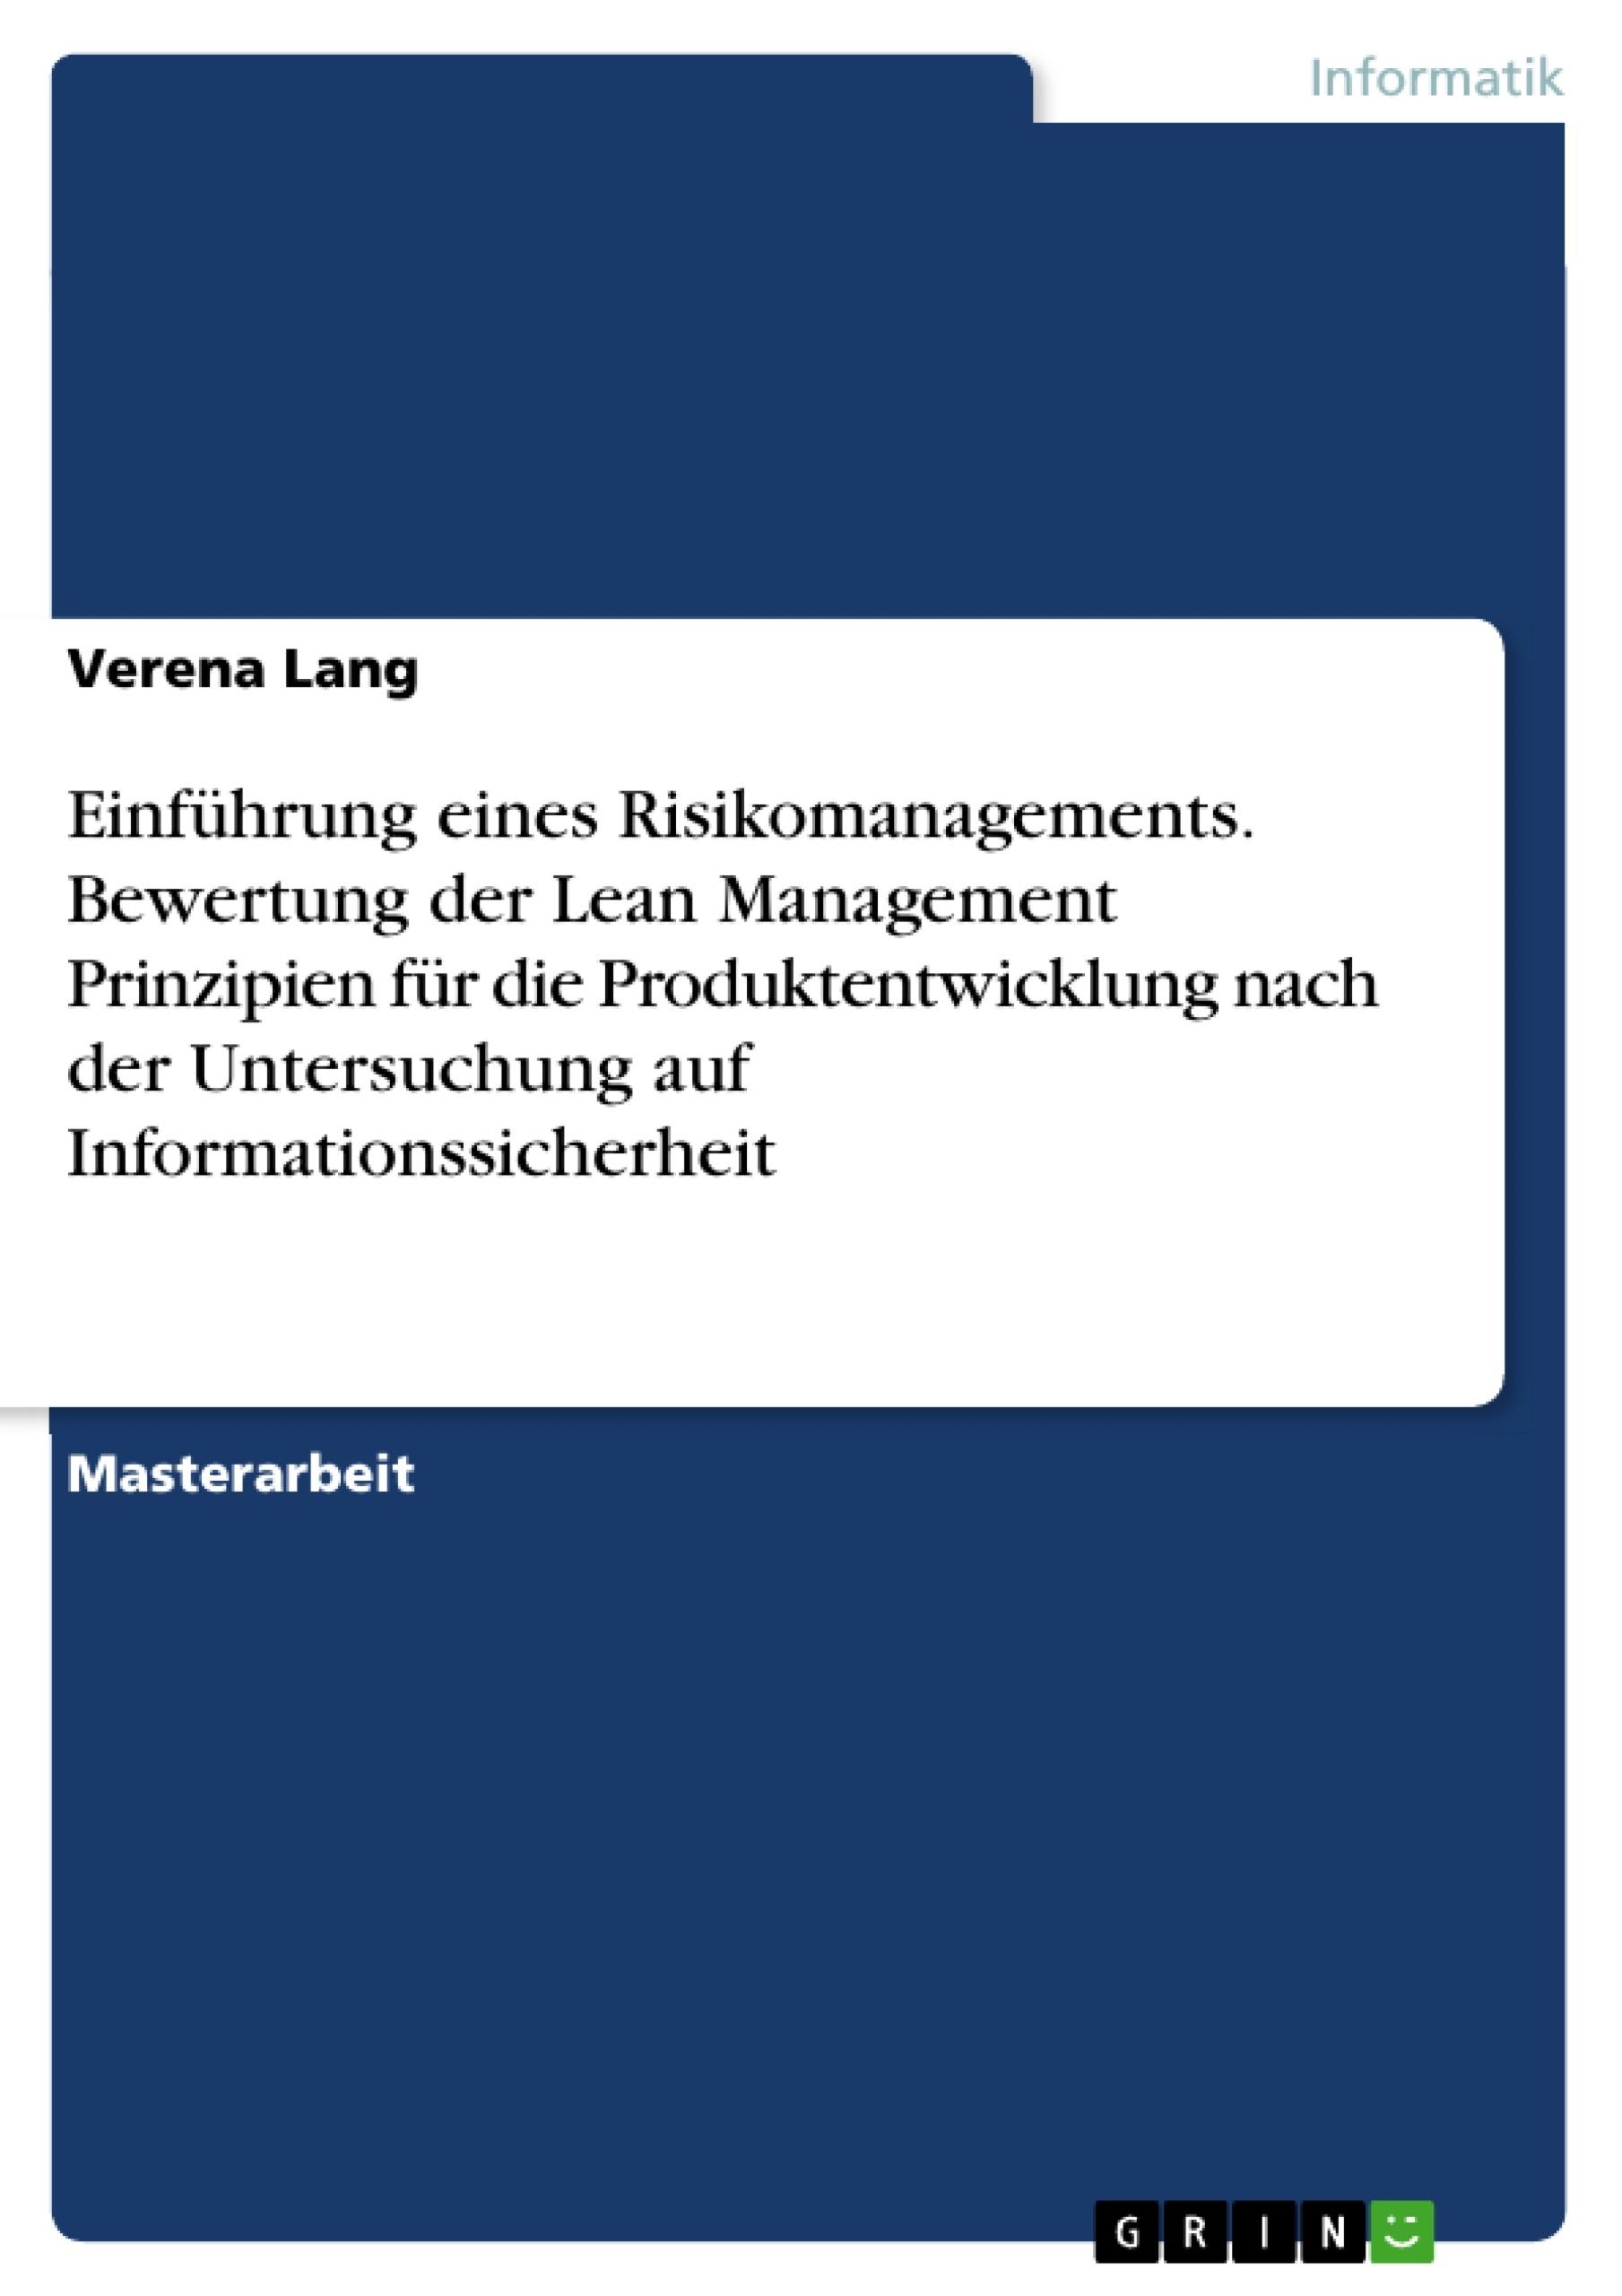 Titel: Einführung eines Risikomanagements. Bewertung der Lean Management Prinzipien für die Produktentwicklung nach der Untersuchung auf Informationssicherheit